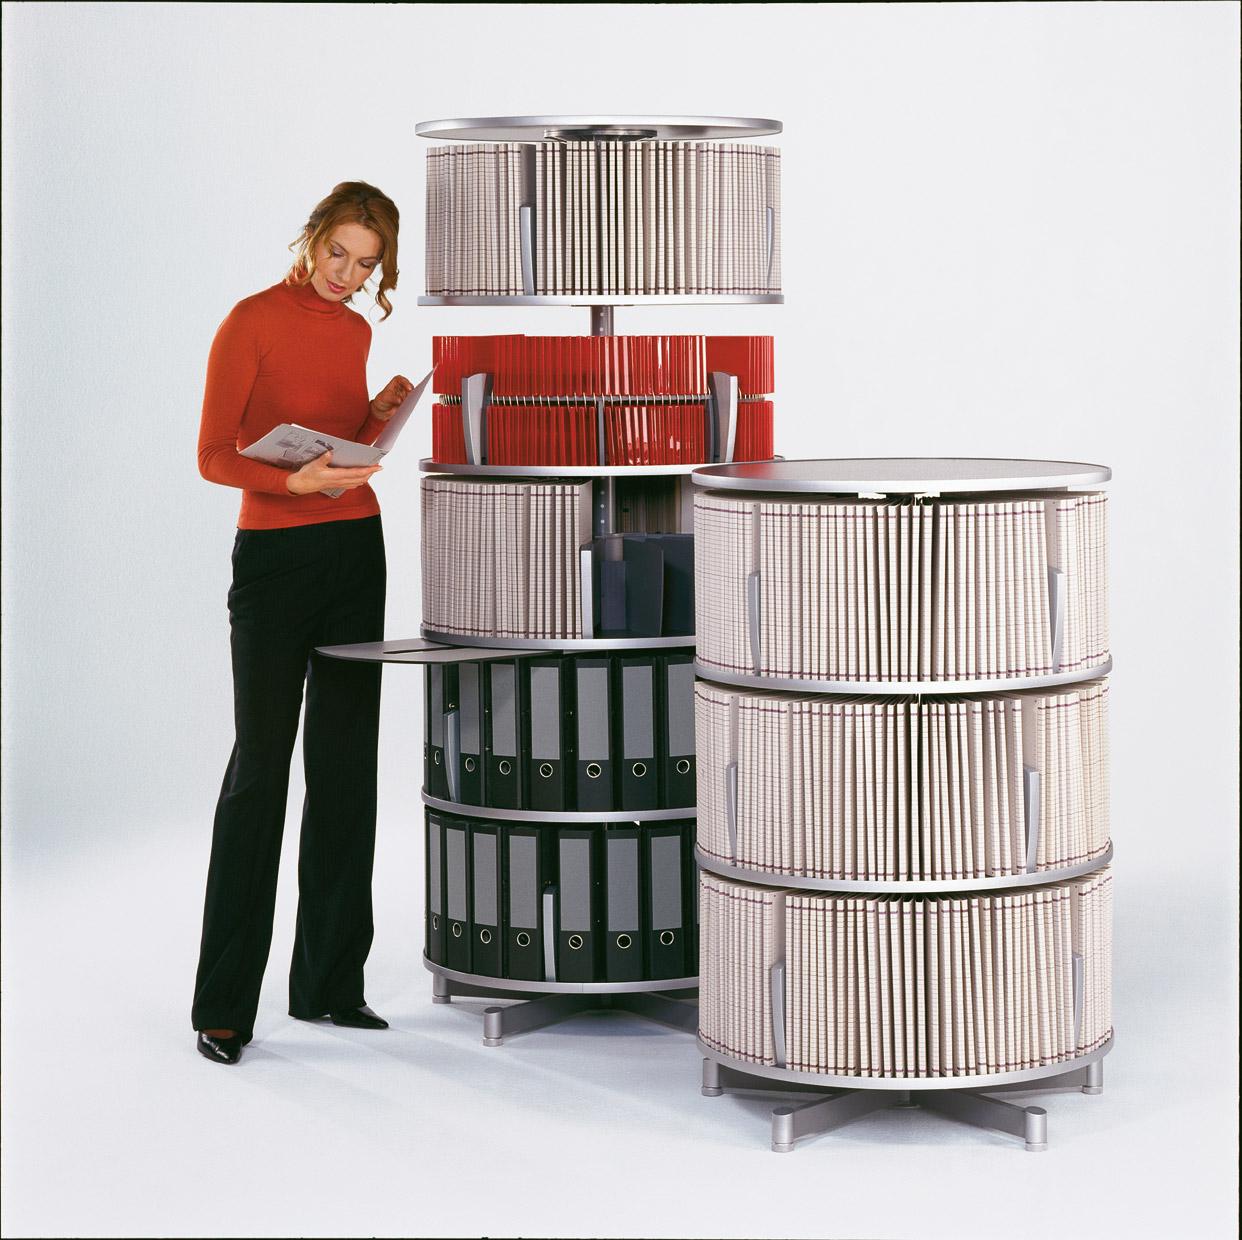 classement rotatif colonne rotative de classement mobilier de bureau entr e principale. Black Bedroom Furniture Sets. Home Design Ideas